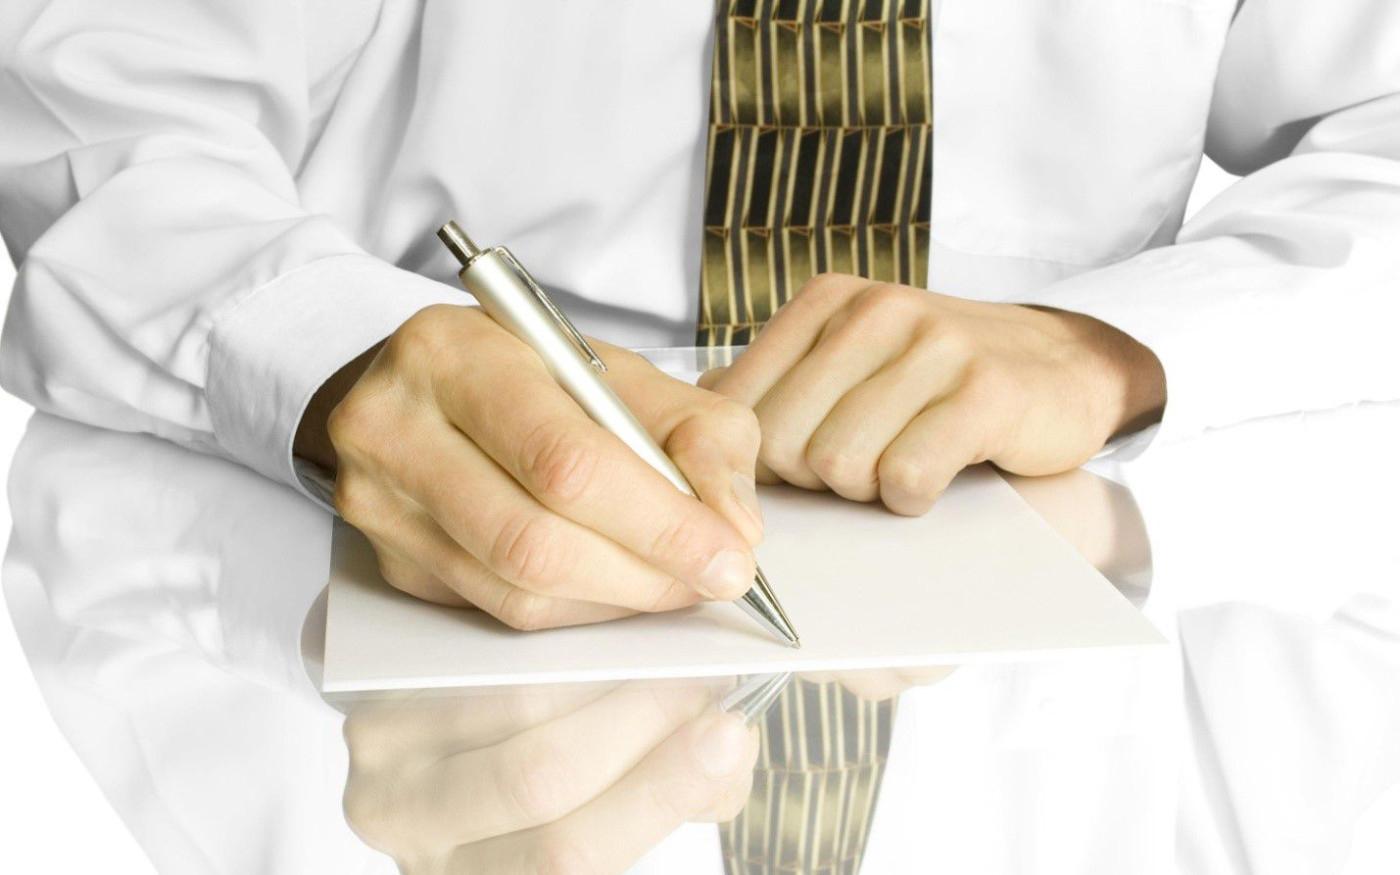 должен ли директор сам себе писать заявление на отпуск